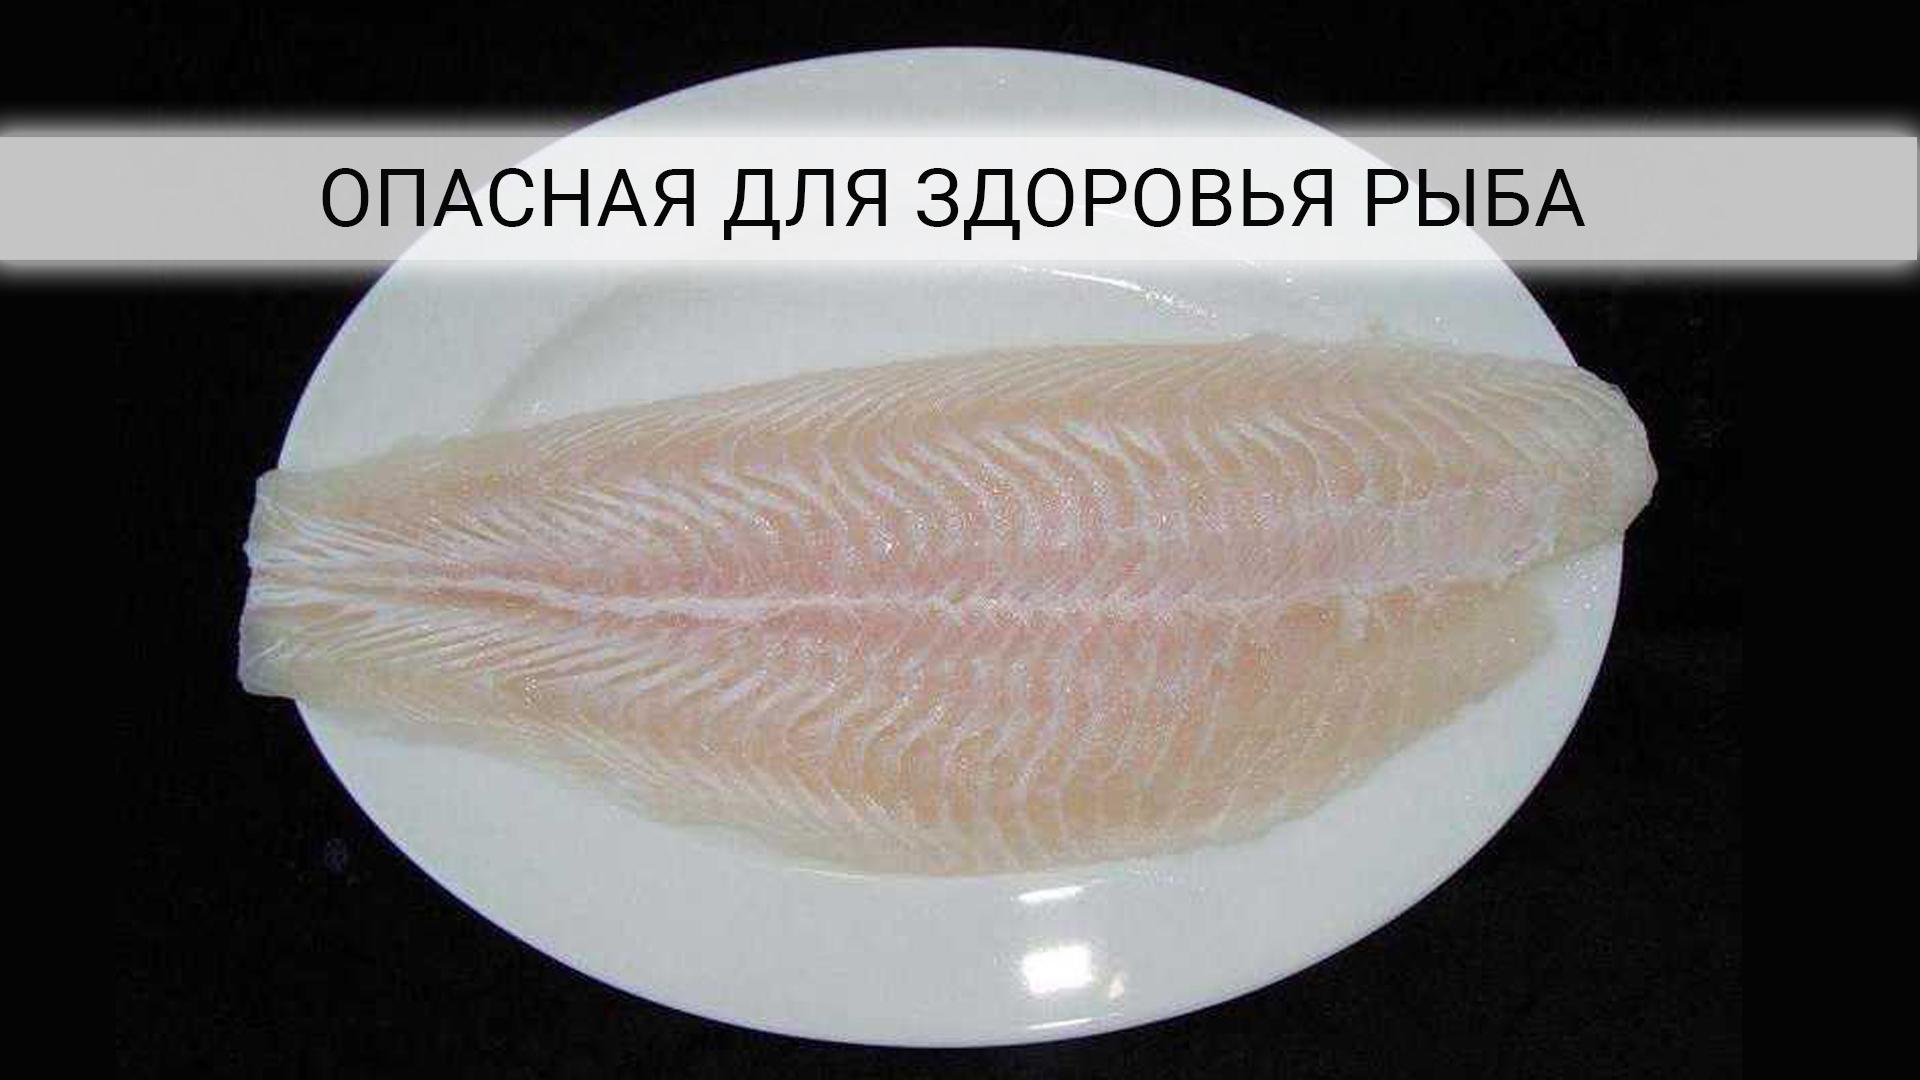 Какую рыбу опасно есть